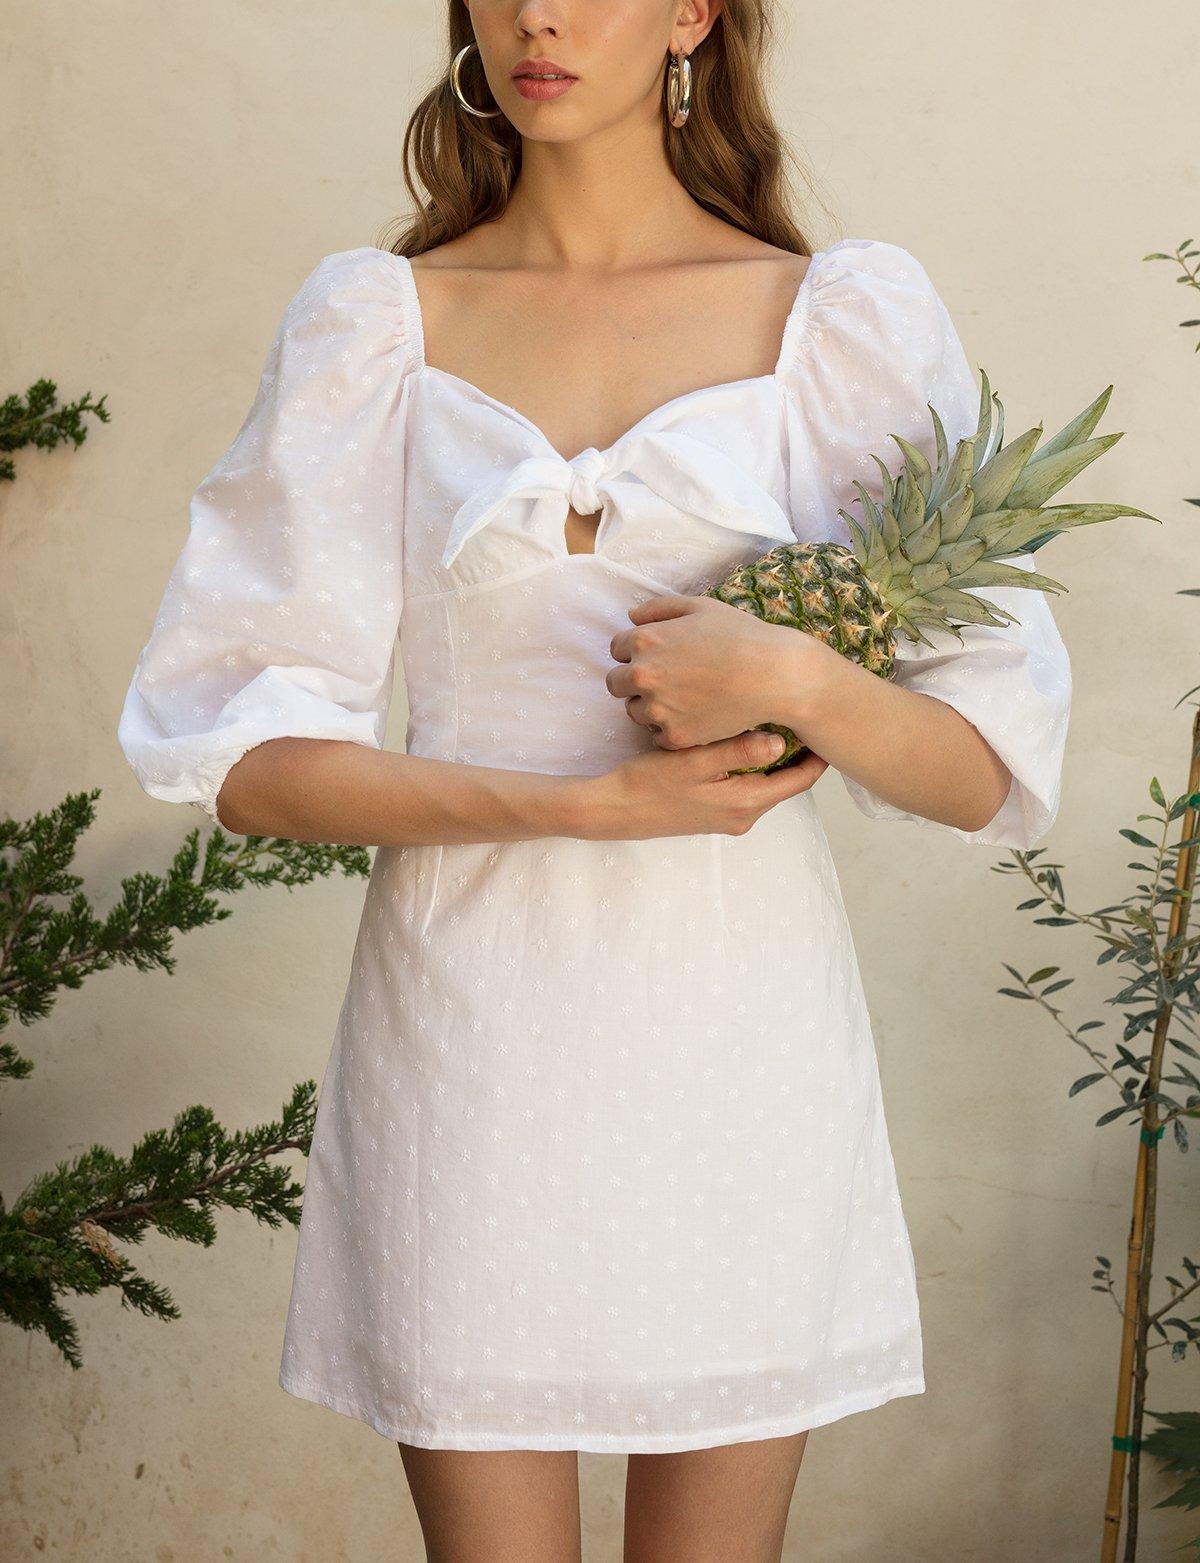 white-cotton-lace-dress.jpg